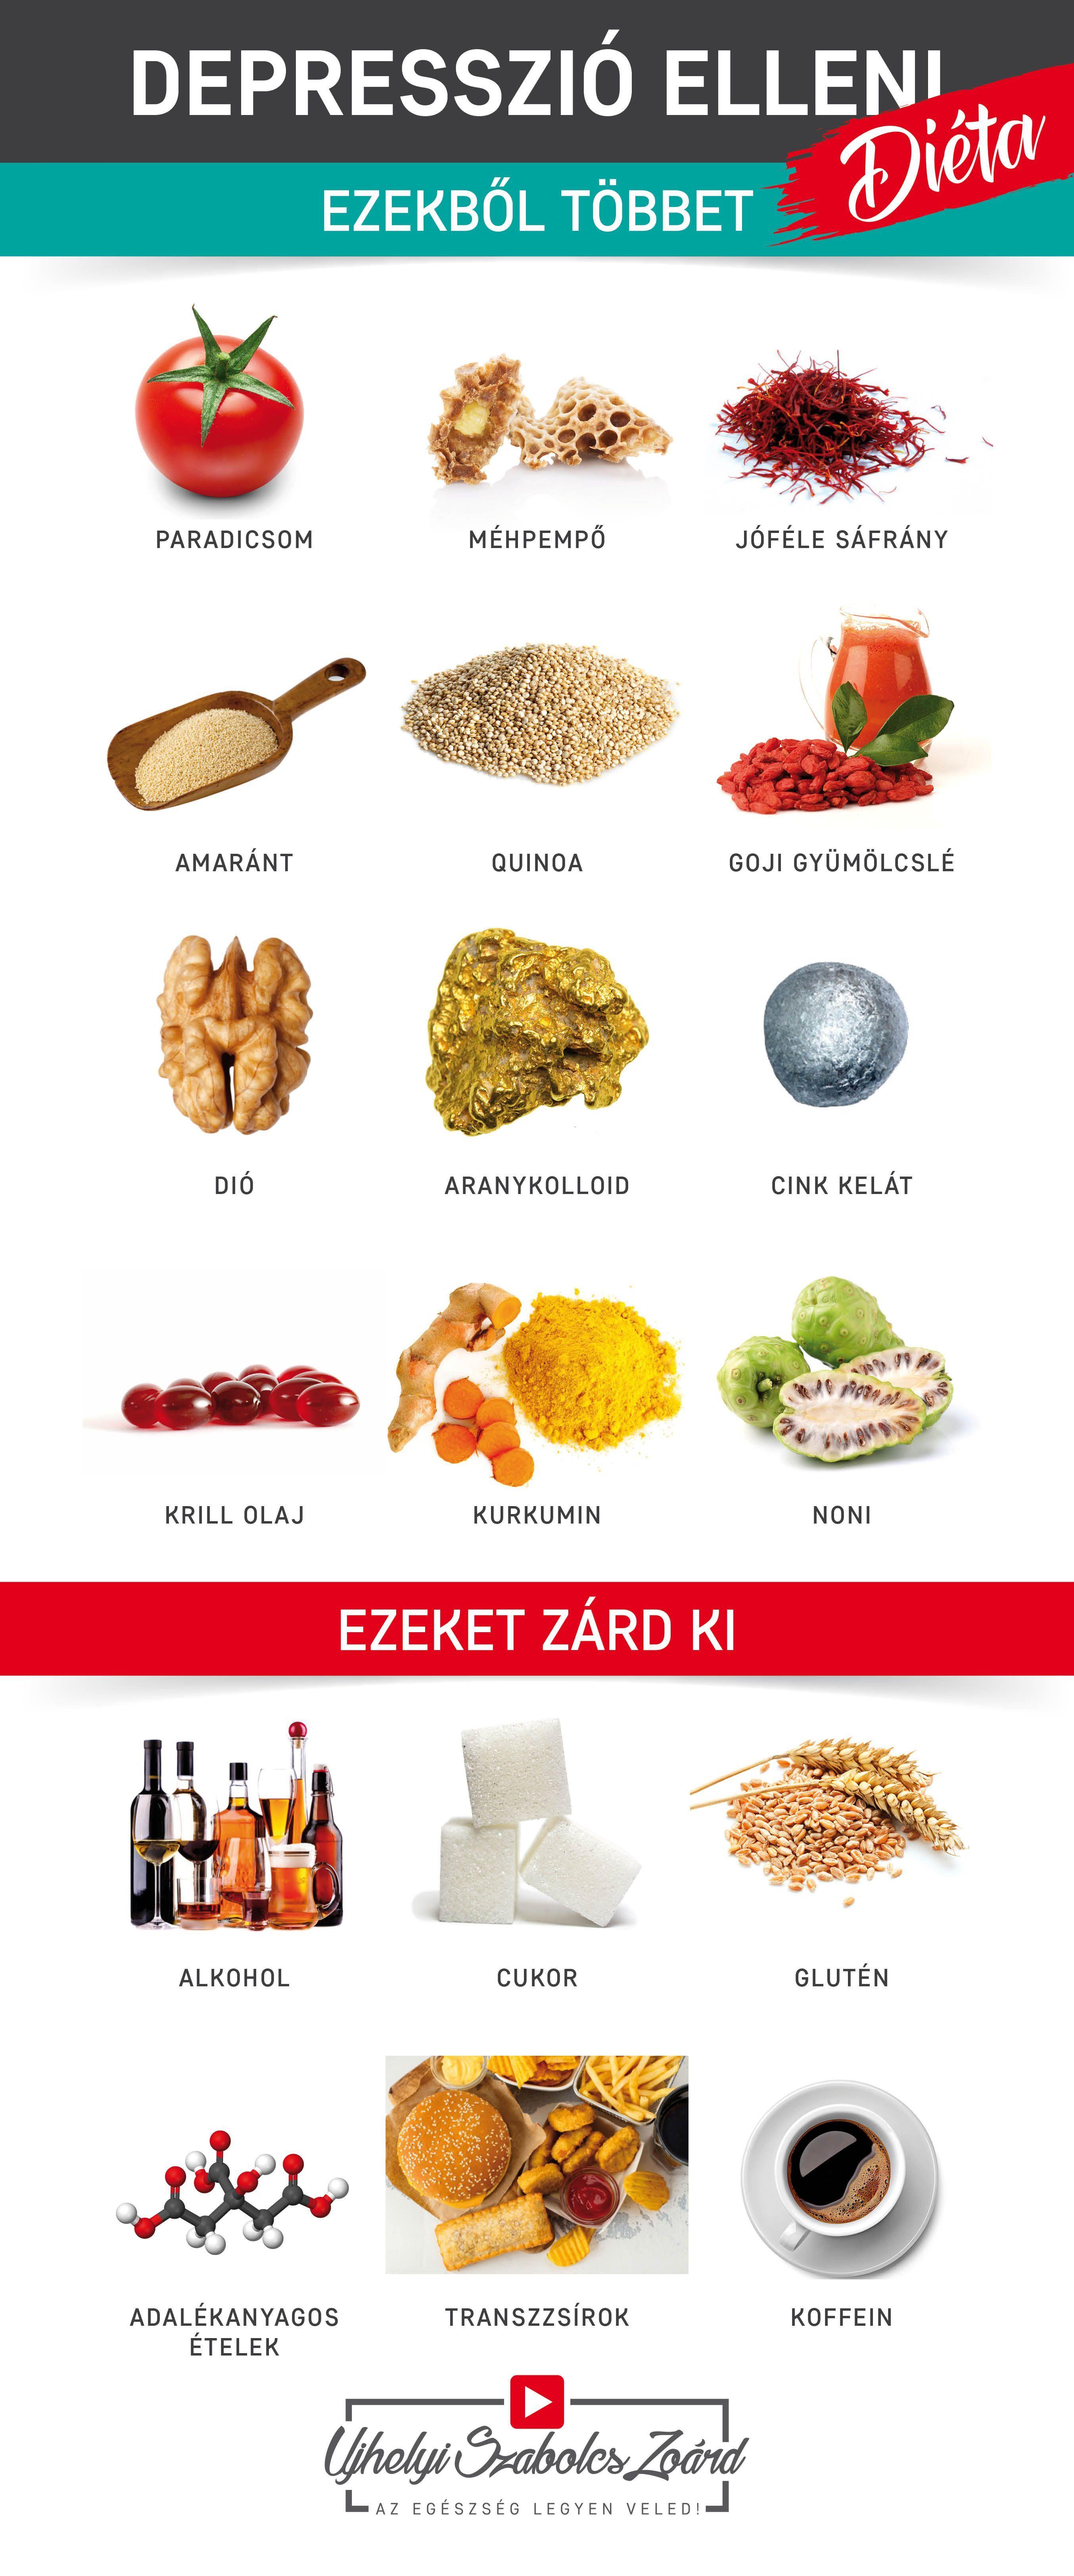 Vastagbél tisztító ételek   Health , Health and beauty, Health